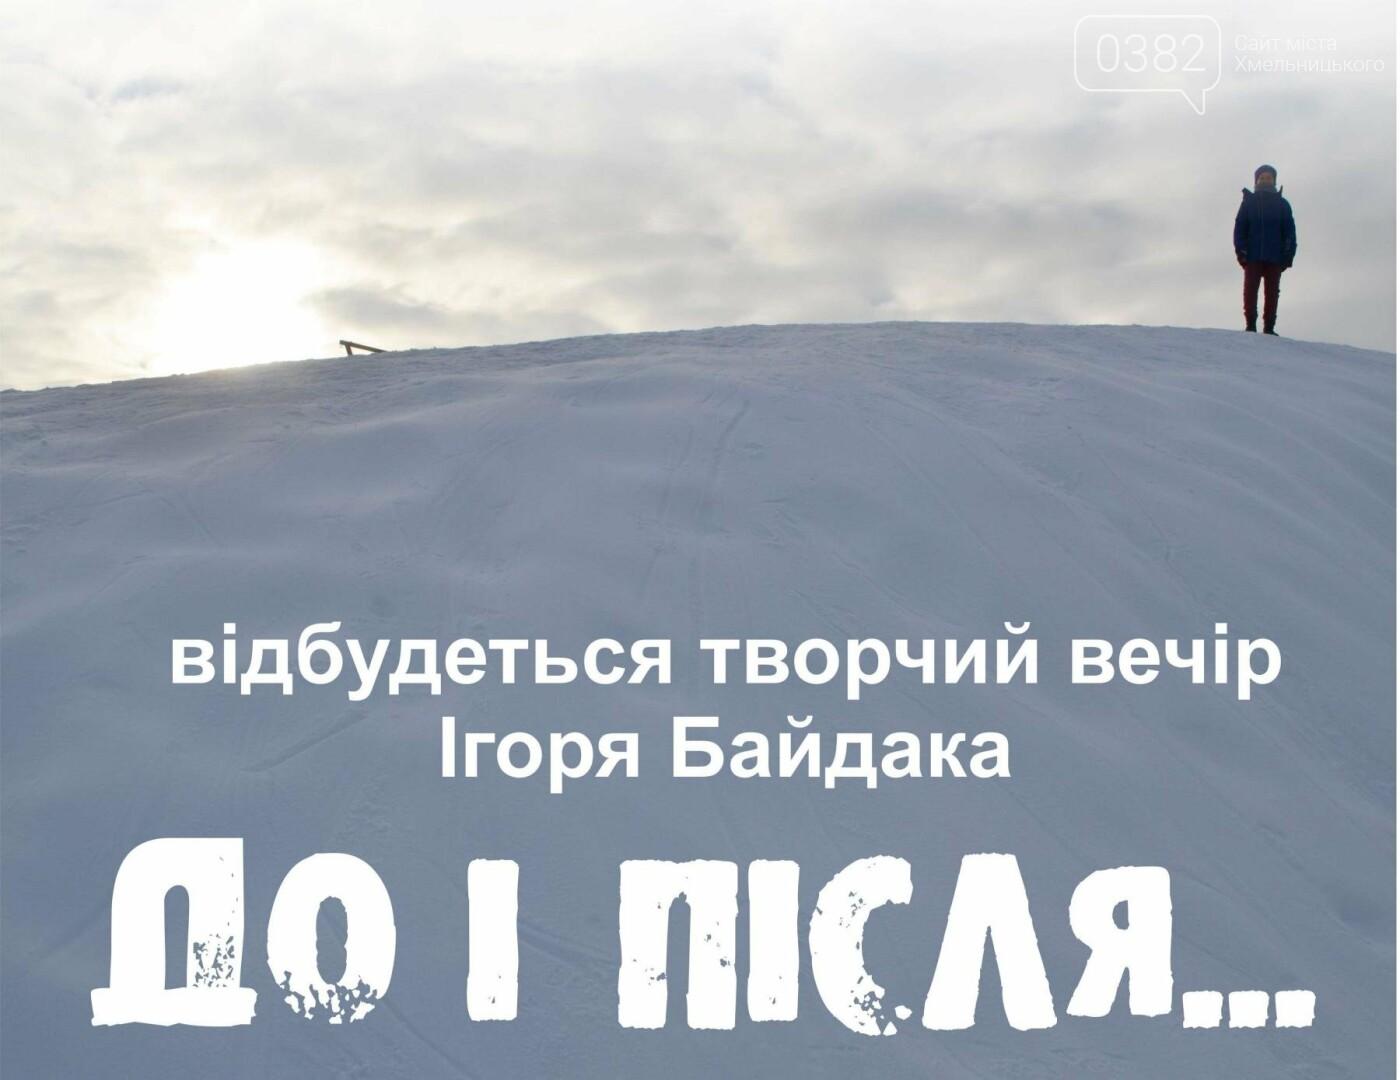 До і  після: У Хмельницькому відбудеться творчий вечір Ігоря Байдака, фото-1